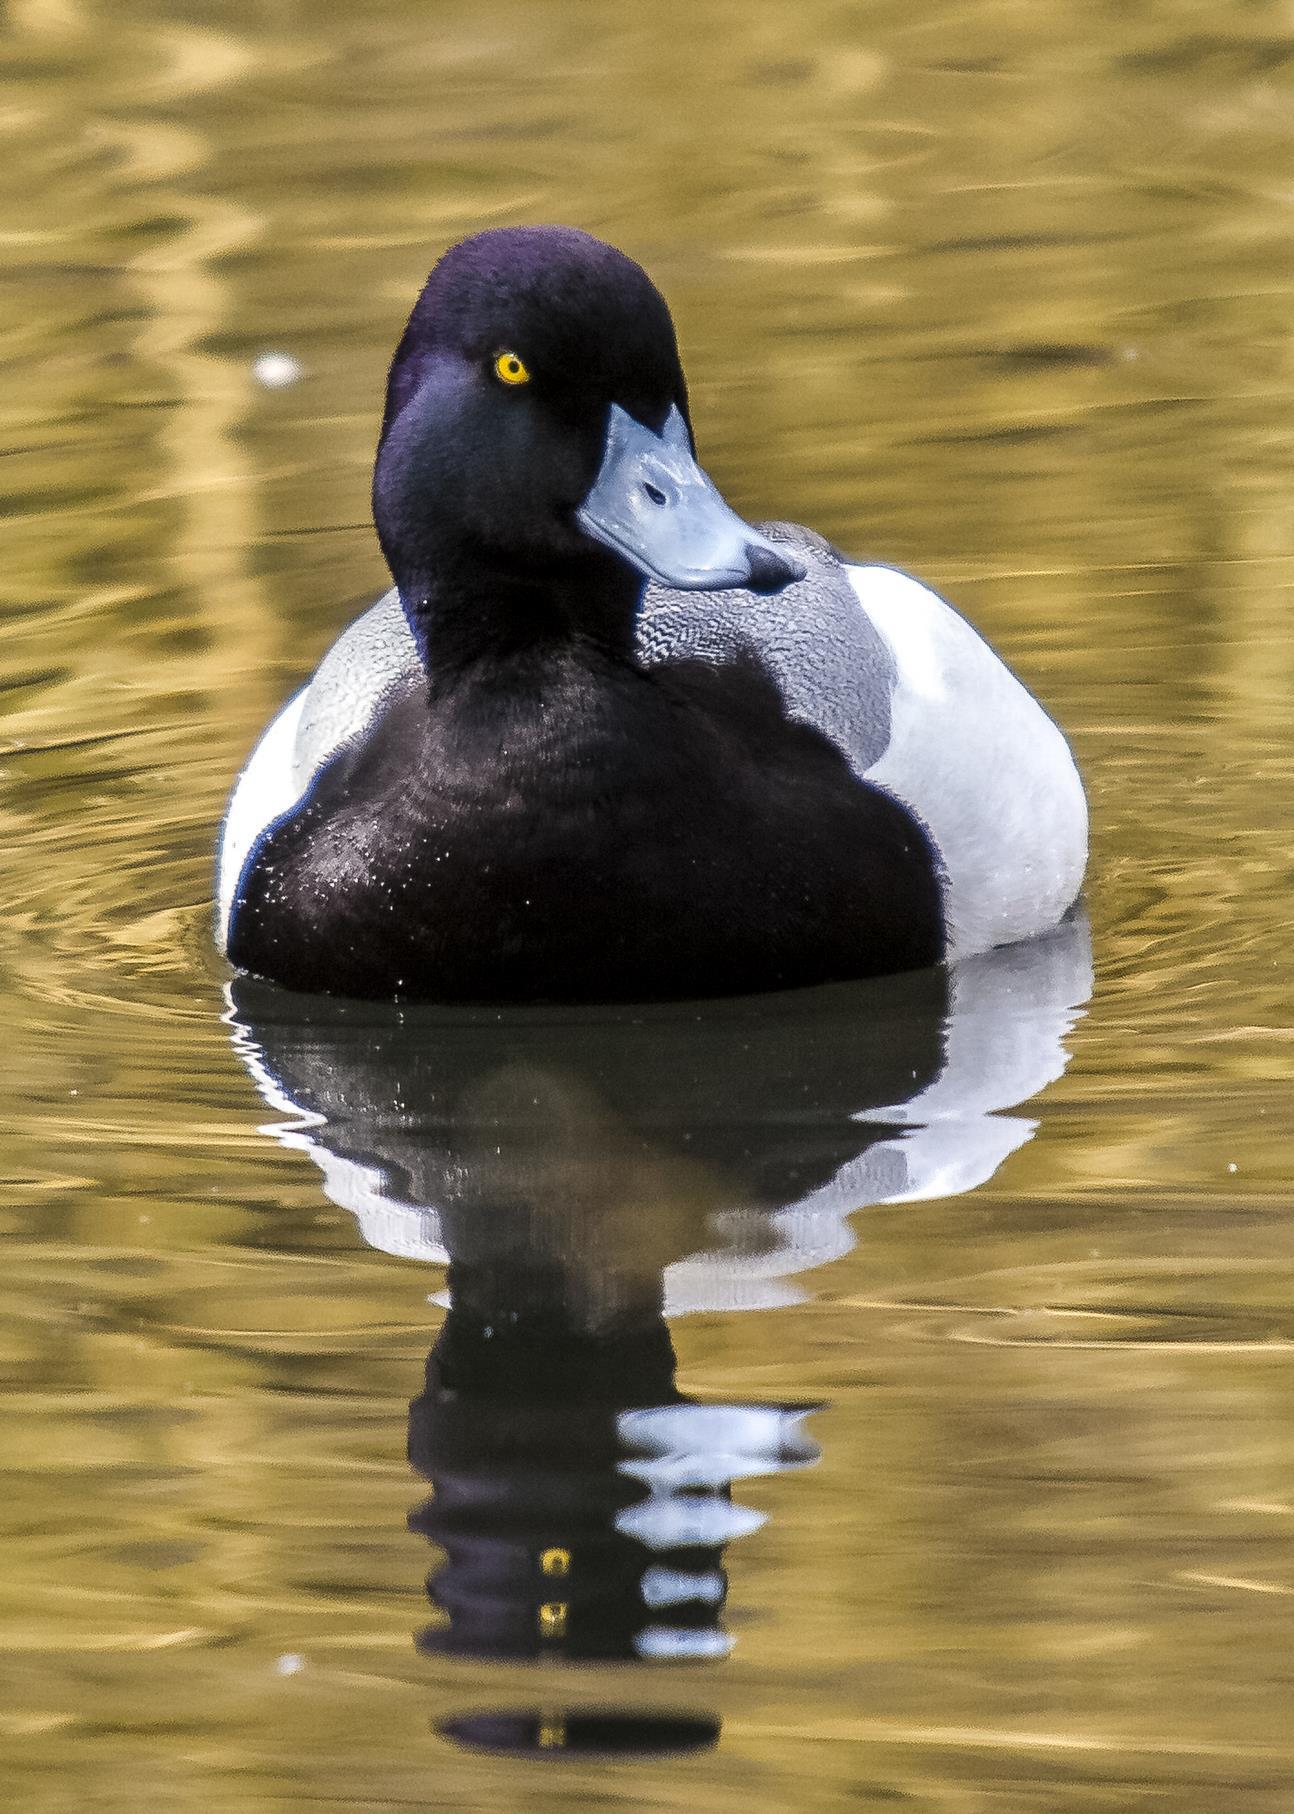 Auf den Wasserflächen schwimmen größere Gruppen von Reiherenten, hier ein Männchen.